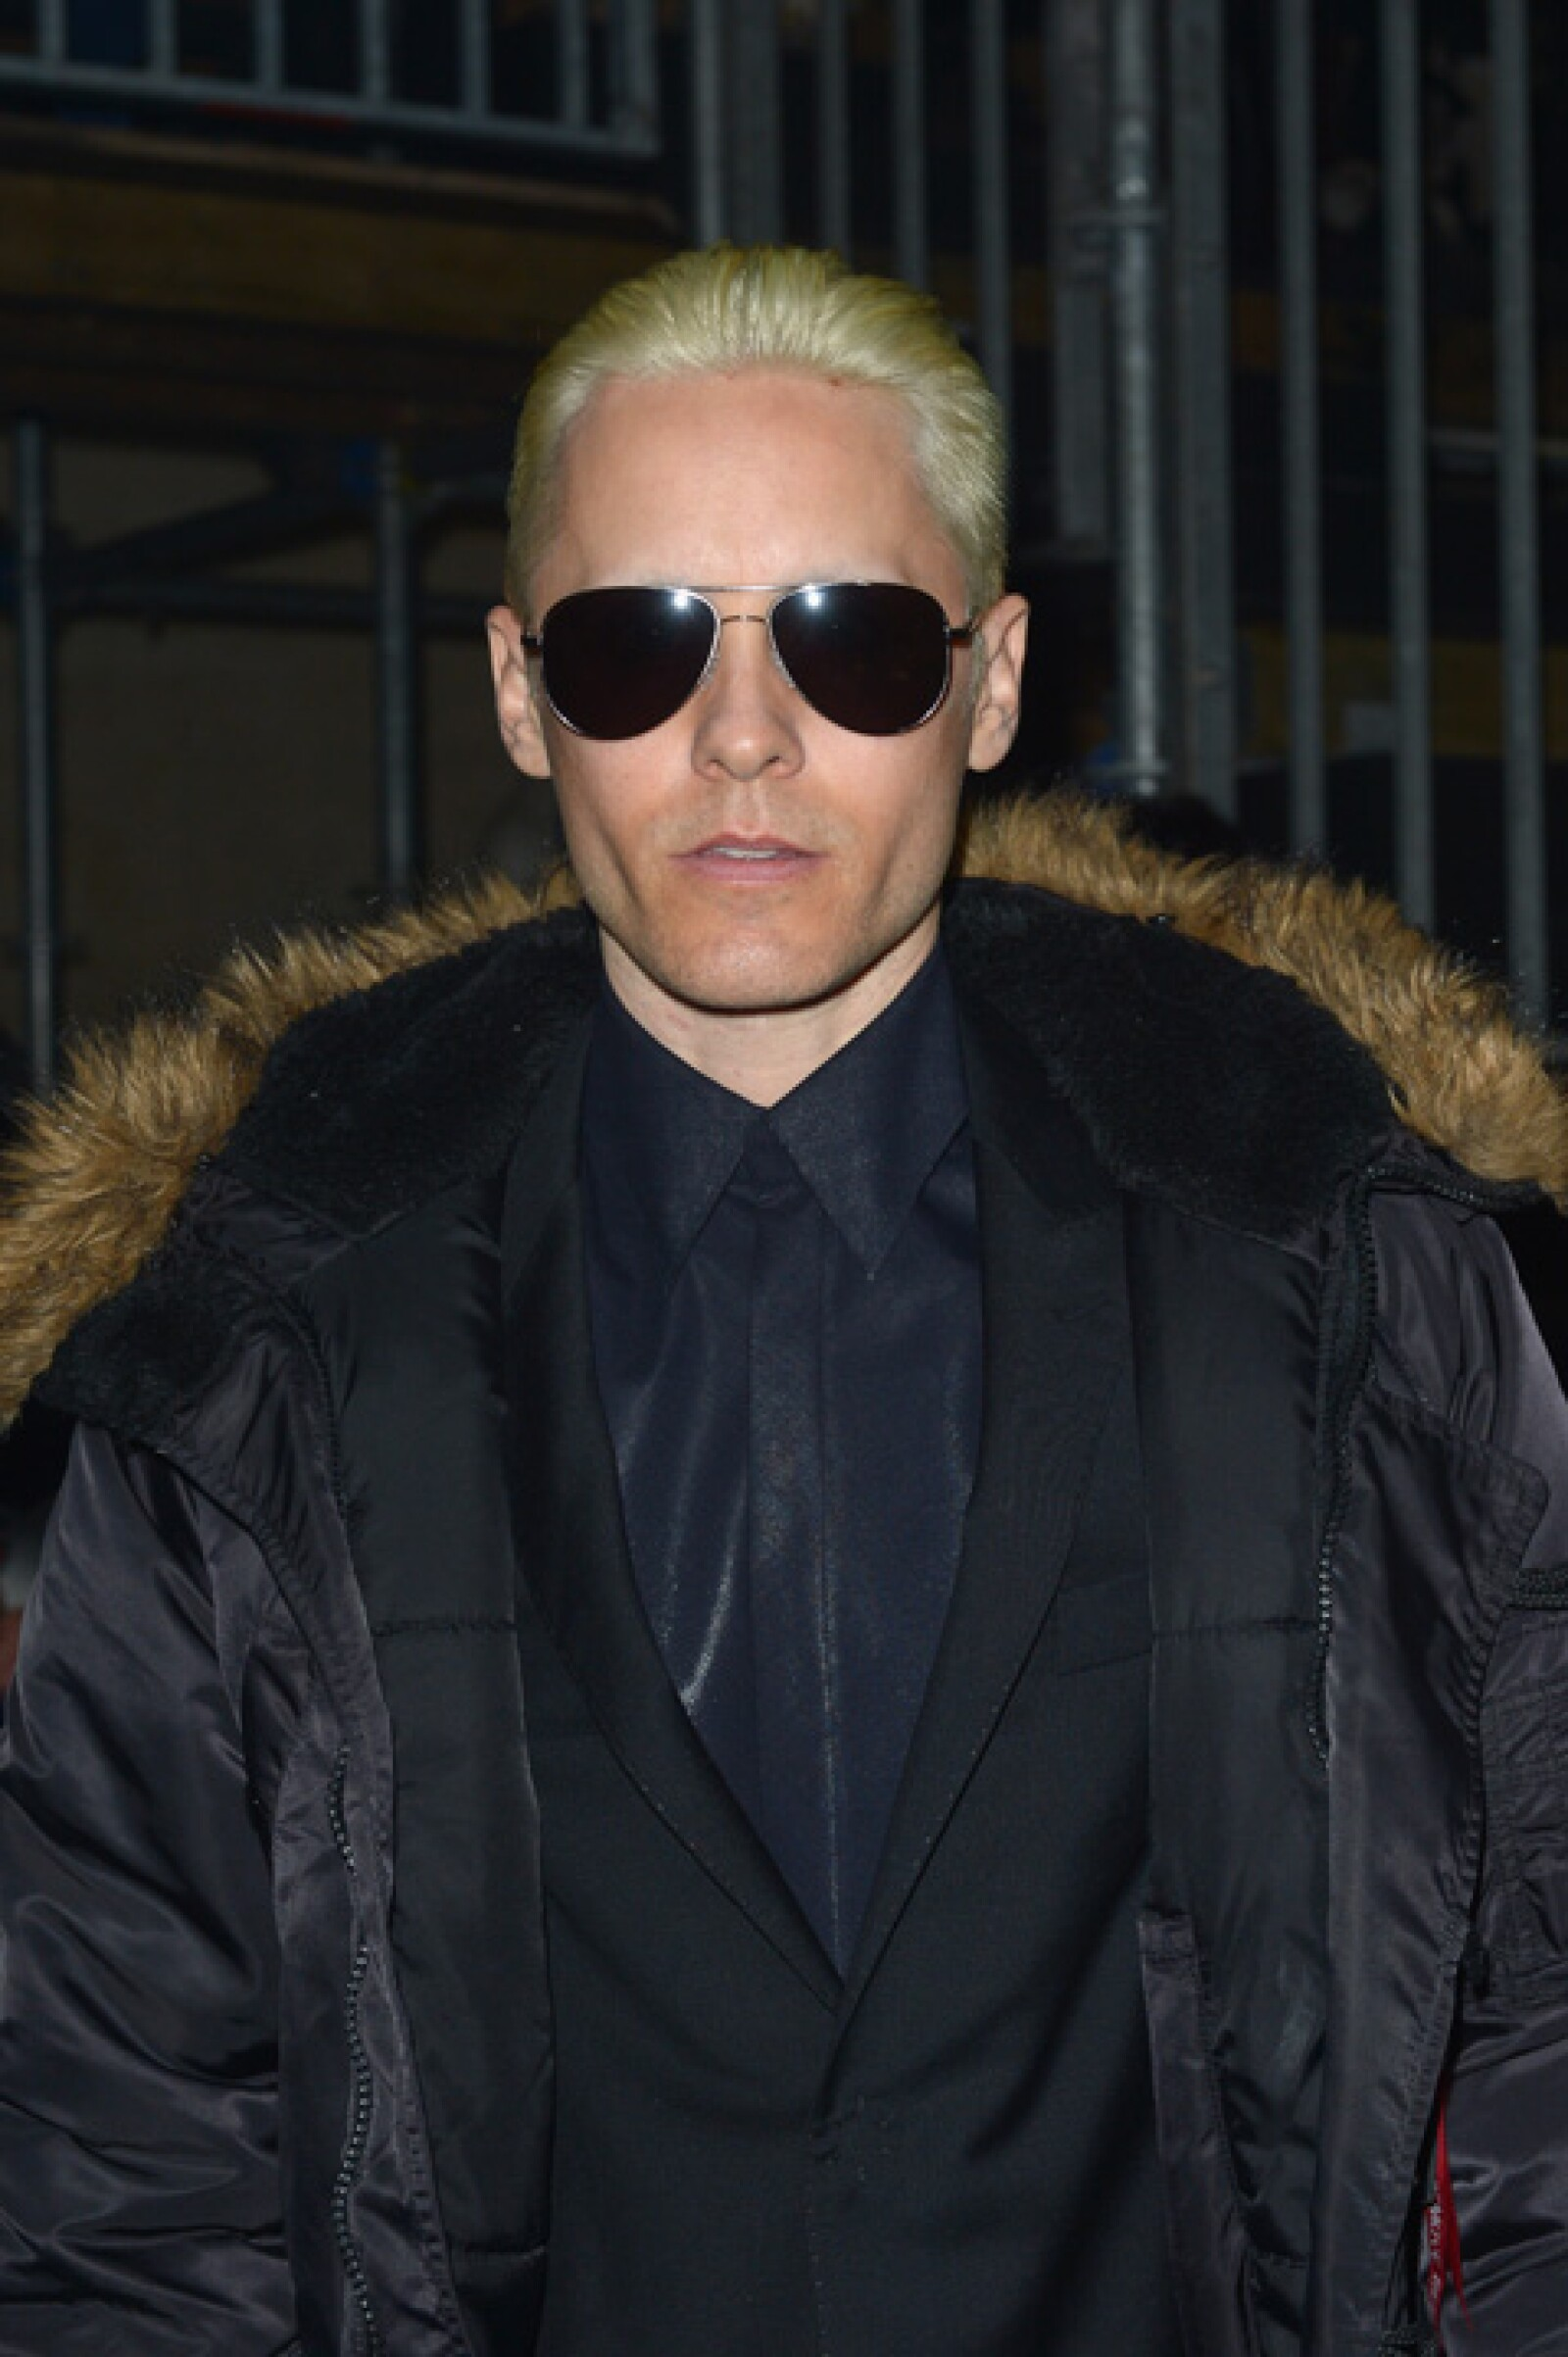 Así apareció Jared en el Paris Fashion Week Womenswear. Este cambio es por la cinta Suicide Squad que está filmando